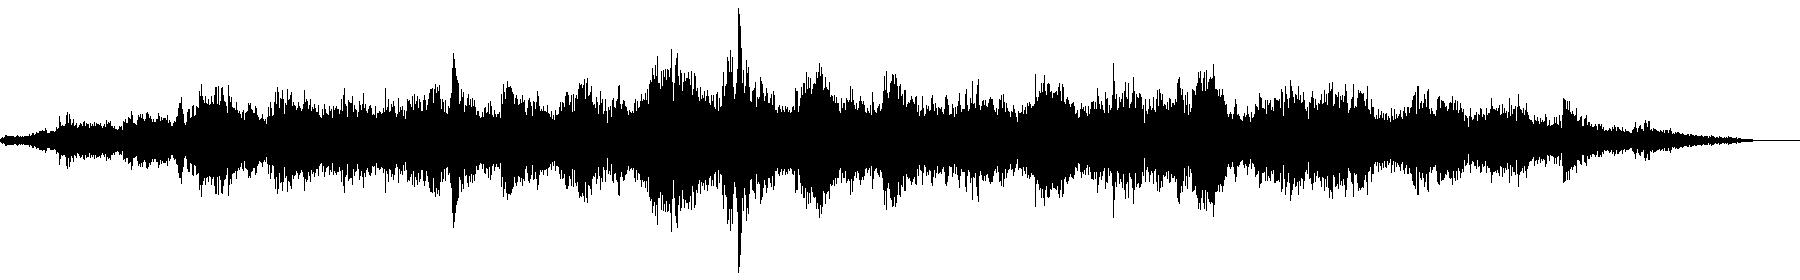 bluezone xworld sound 036